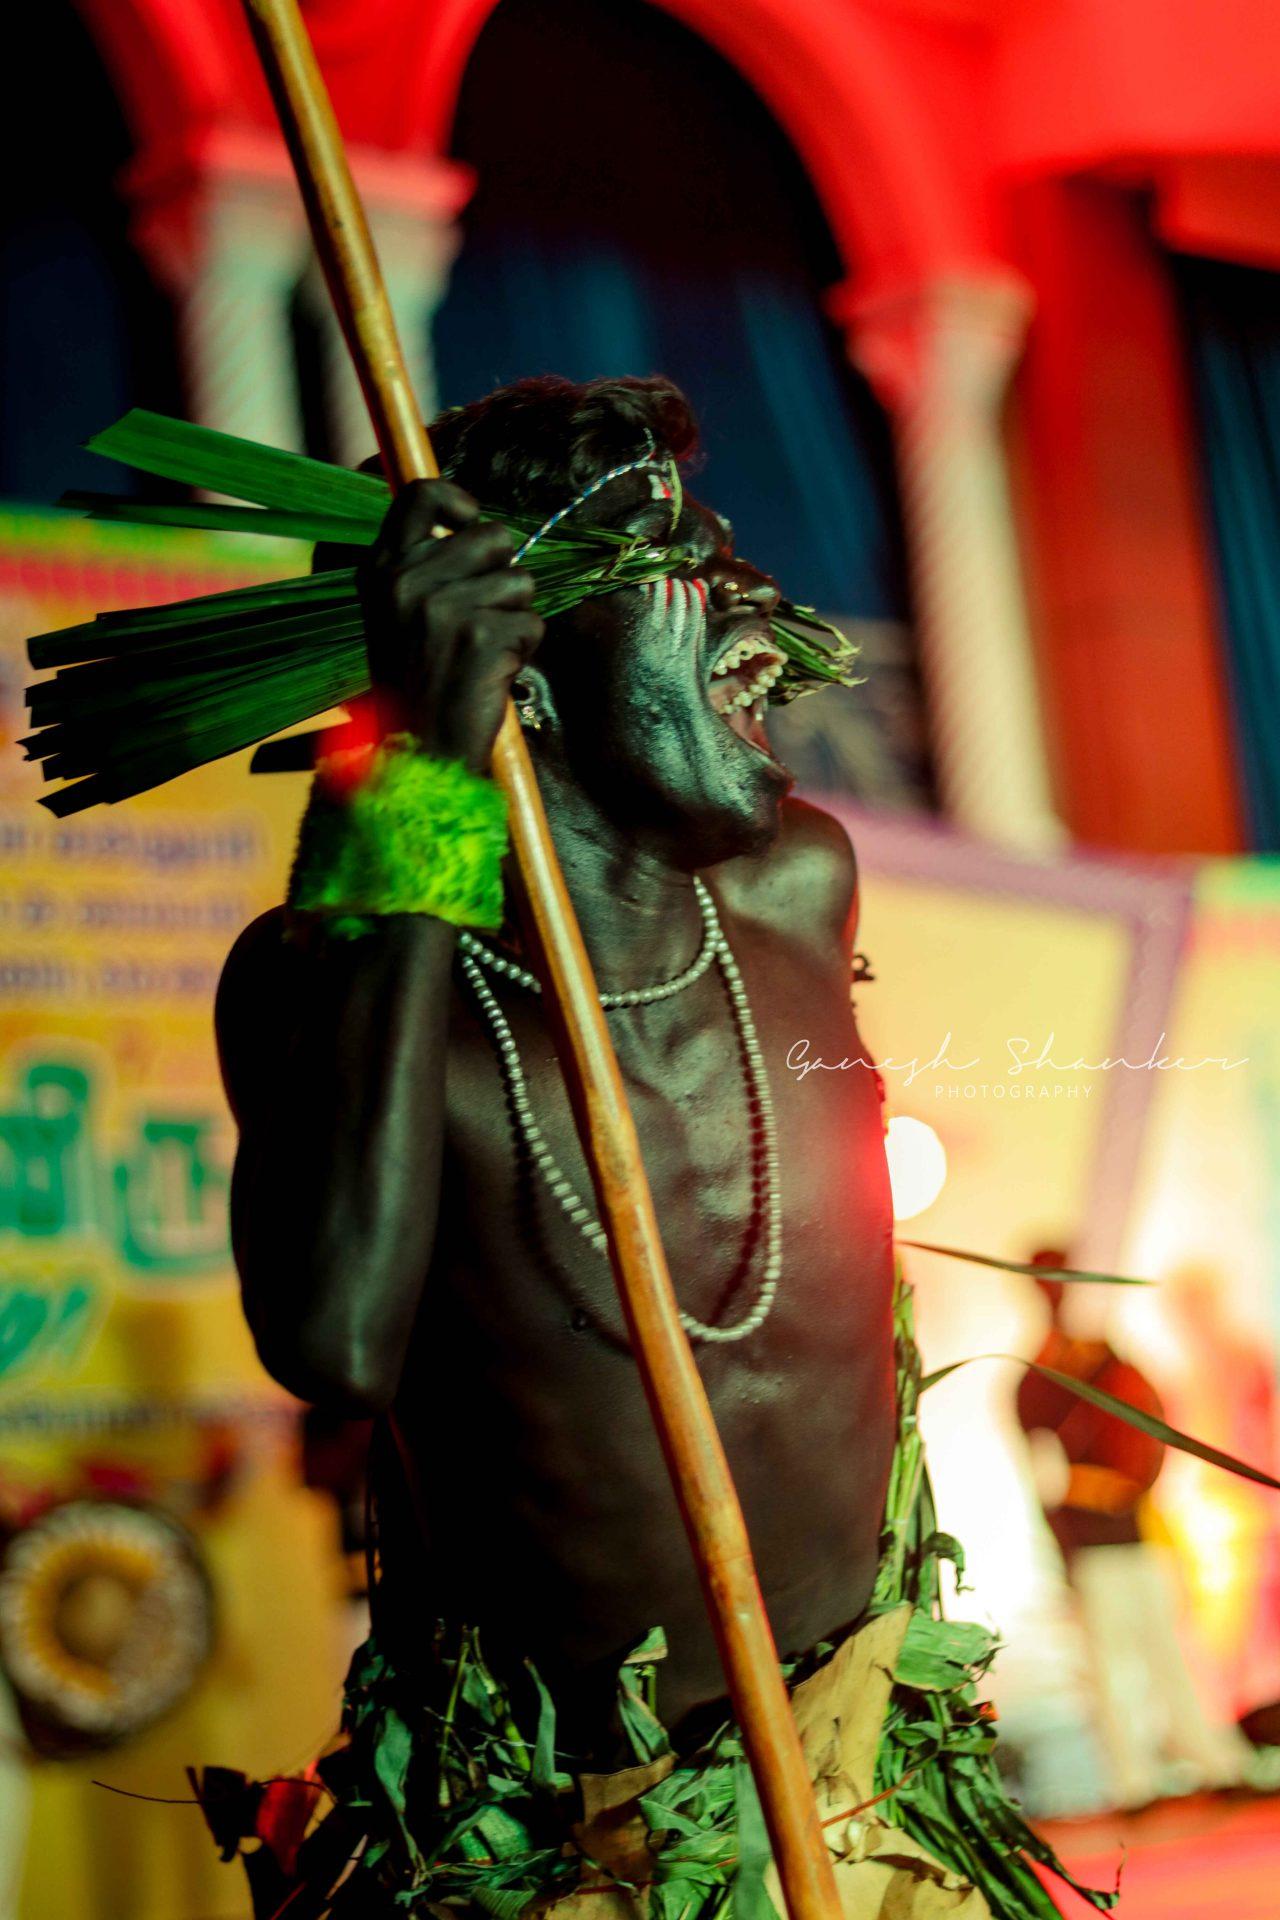 portrait-photographs-ganesh-shanker-kk